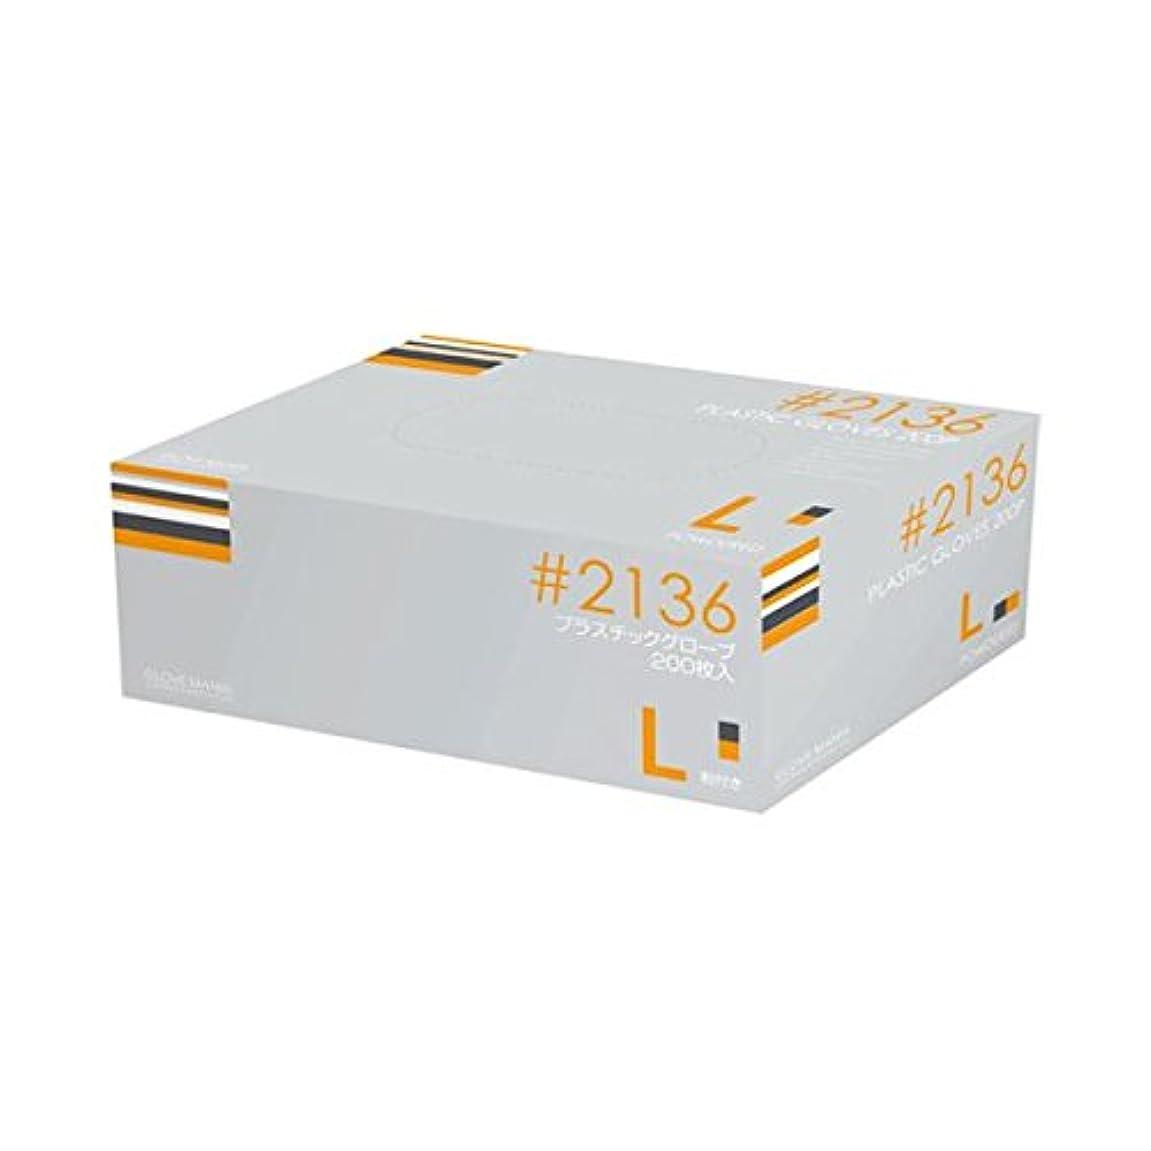 (業務用10セット) 川西工業 プラスティックグローブ #2136 L 粉付 ダイエット 健康 衛生用品 その他の衛生用品 14067381 [並行輸入品]